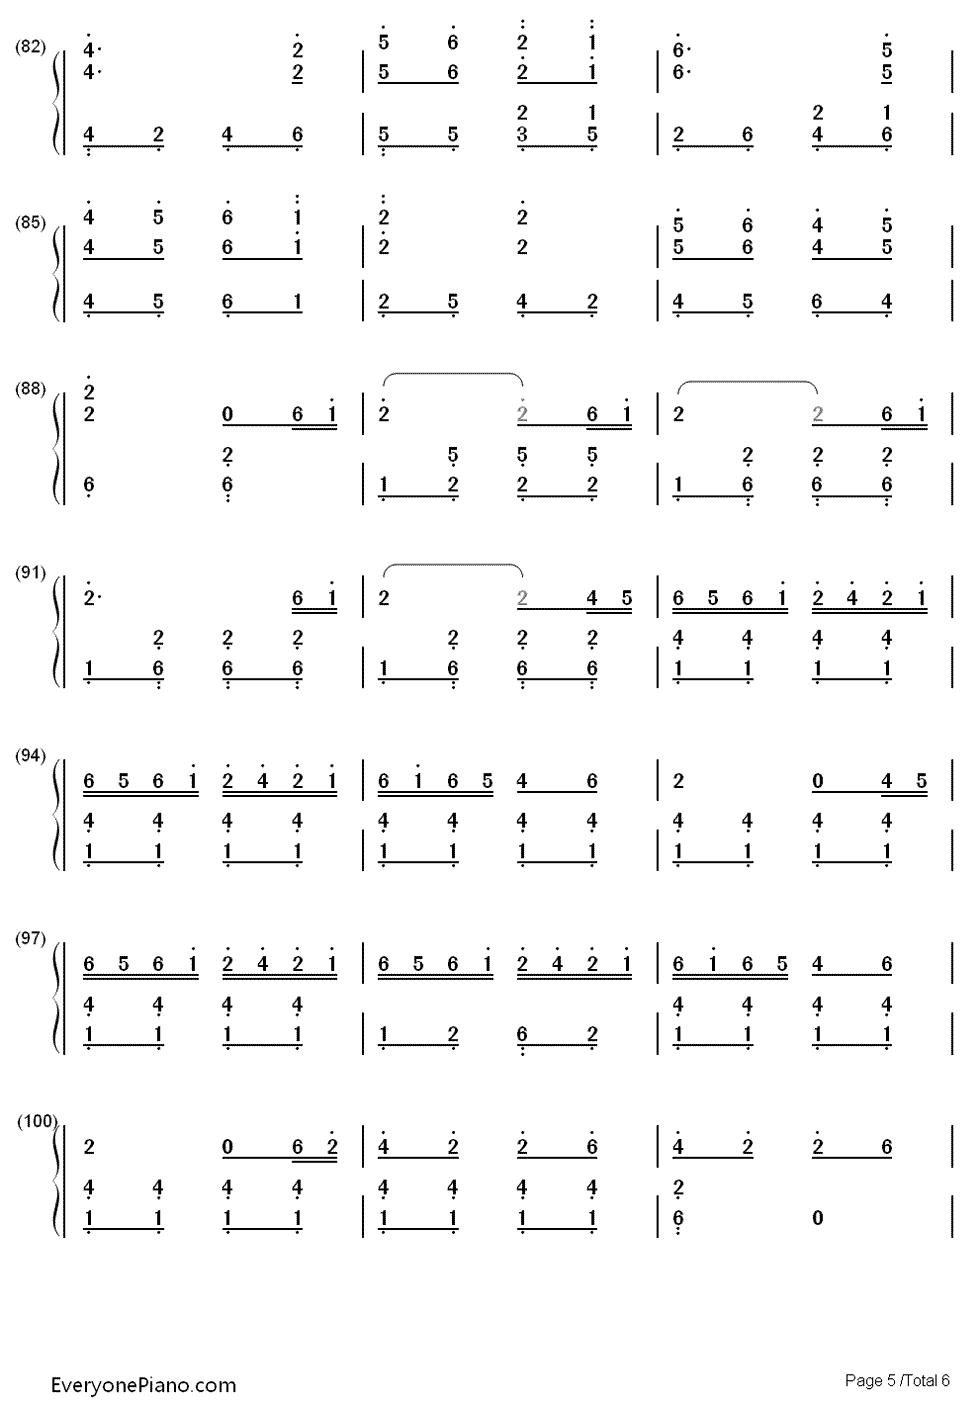 赛马双手简谱预览5-钢琴谱图片